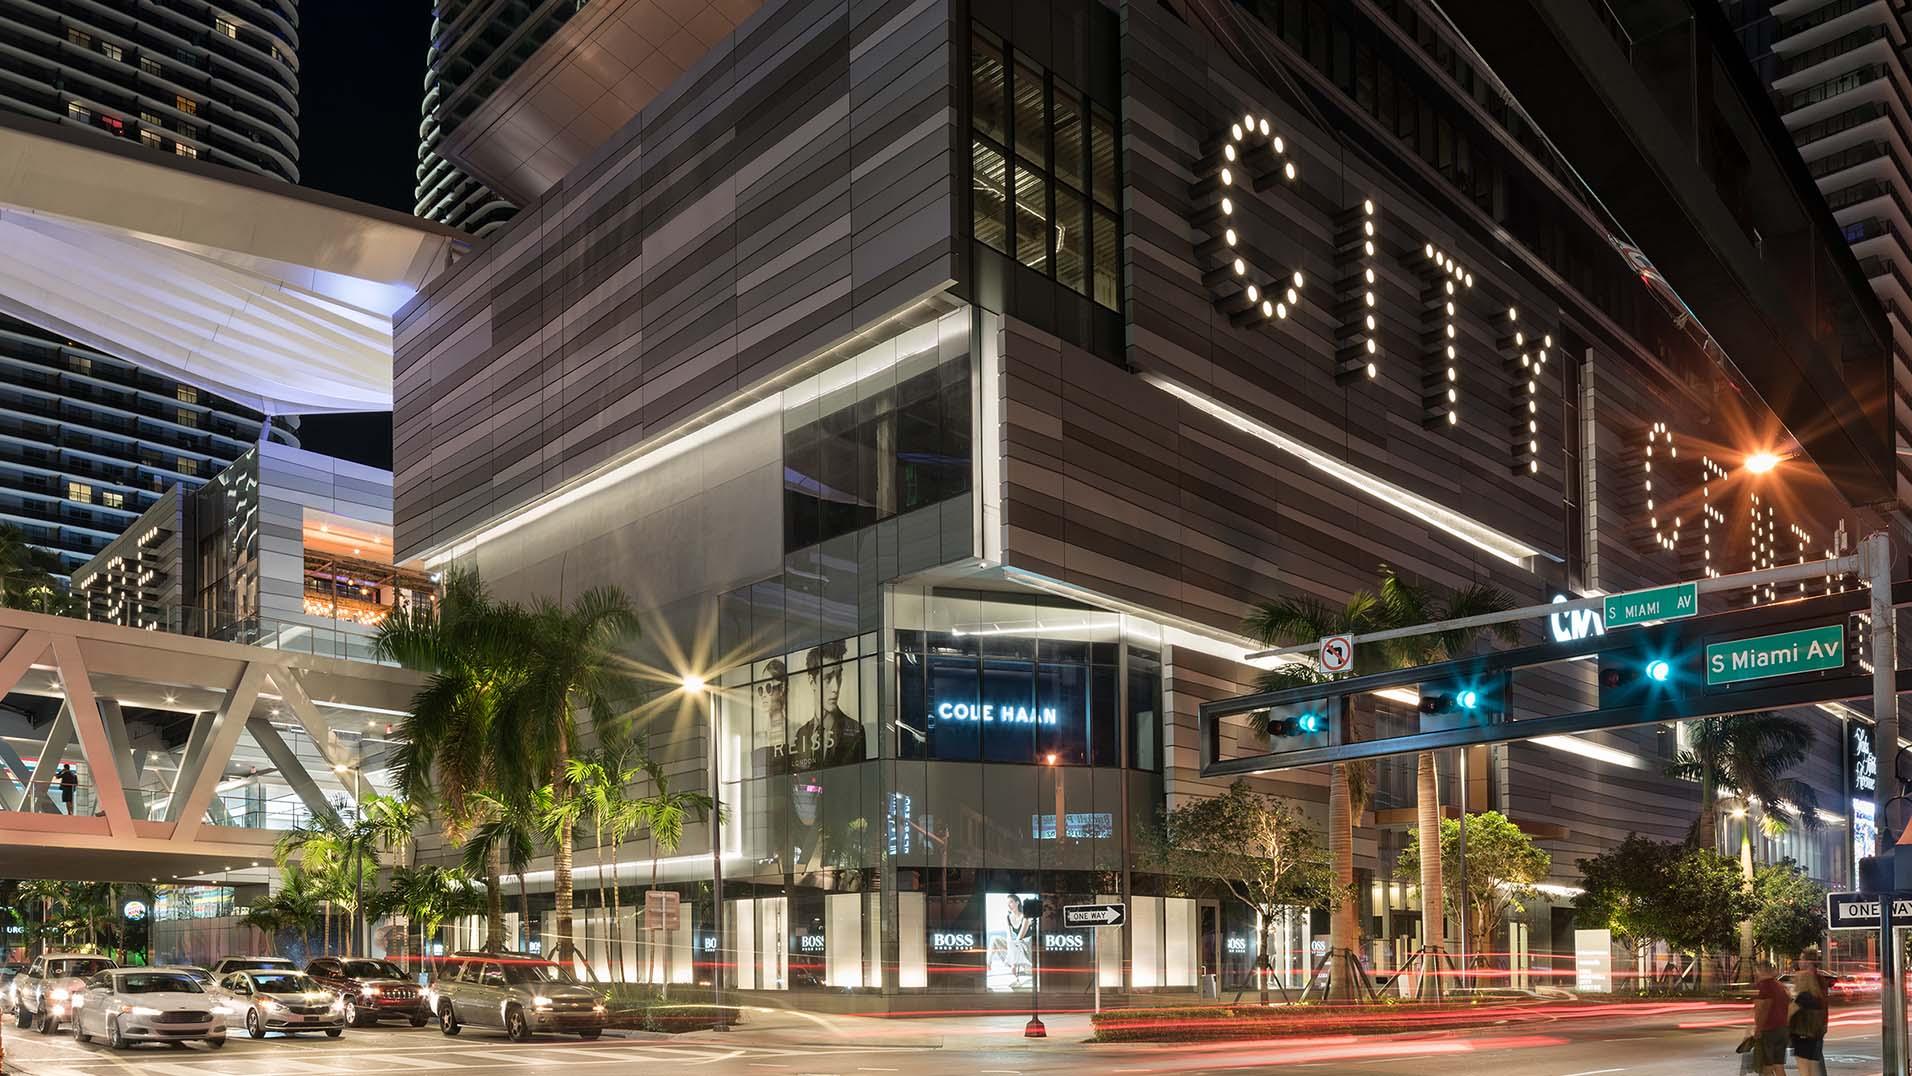 Image result for Brickell City Centre miami